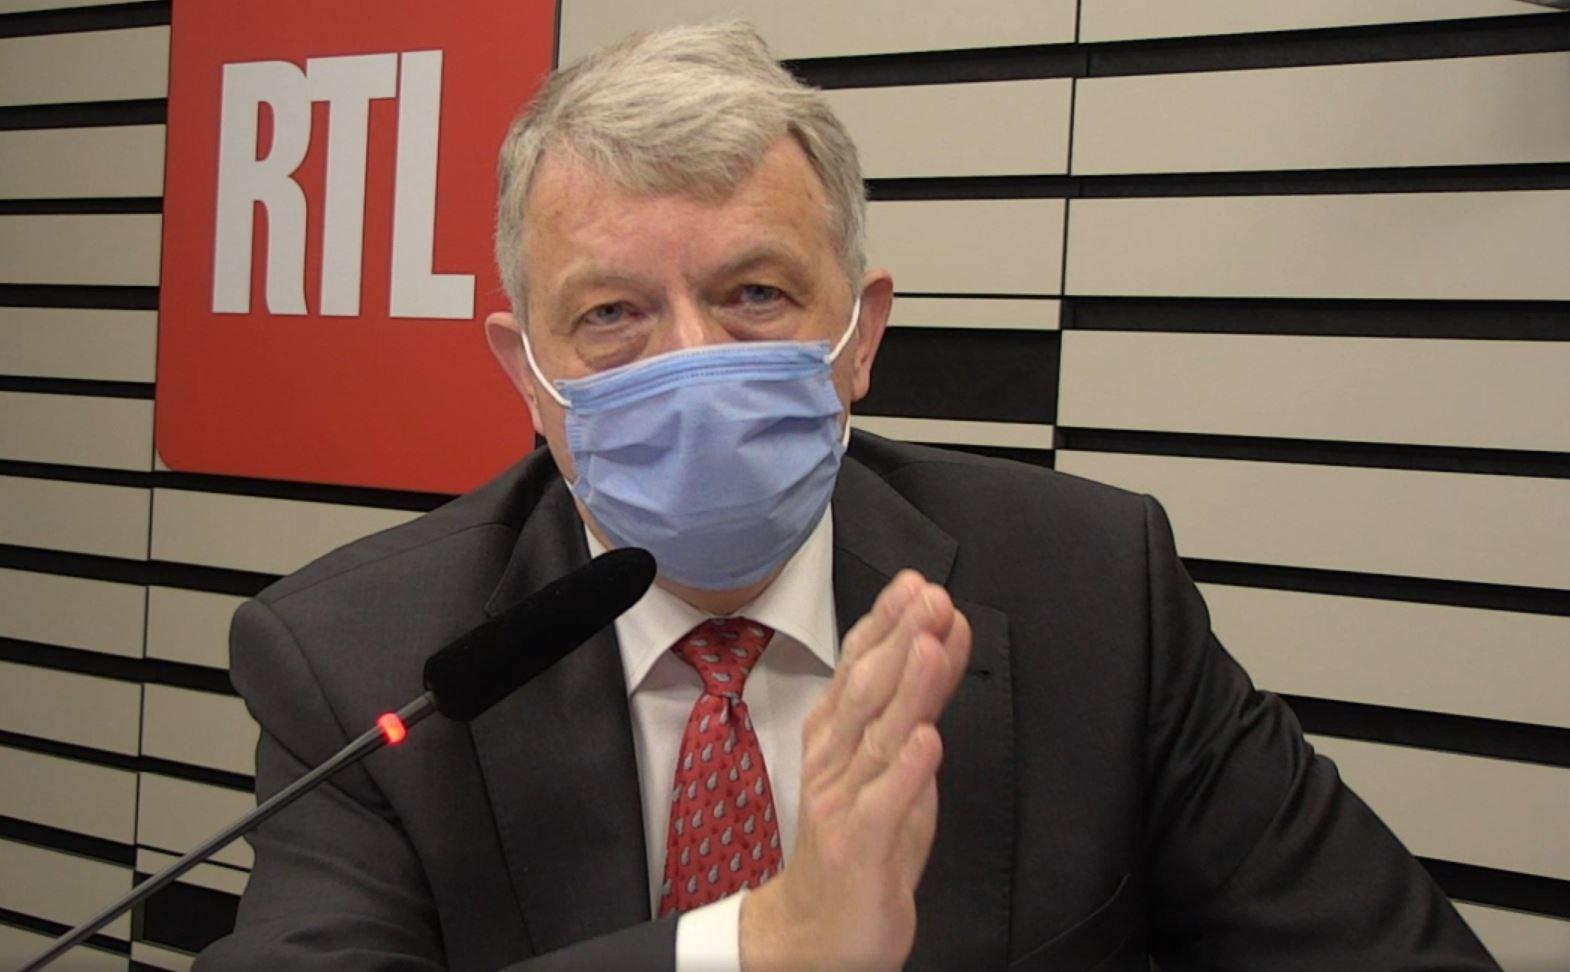 De Fernand Kartheiser war Moies-Invité op RTL